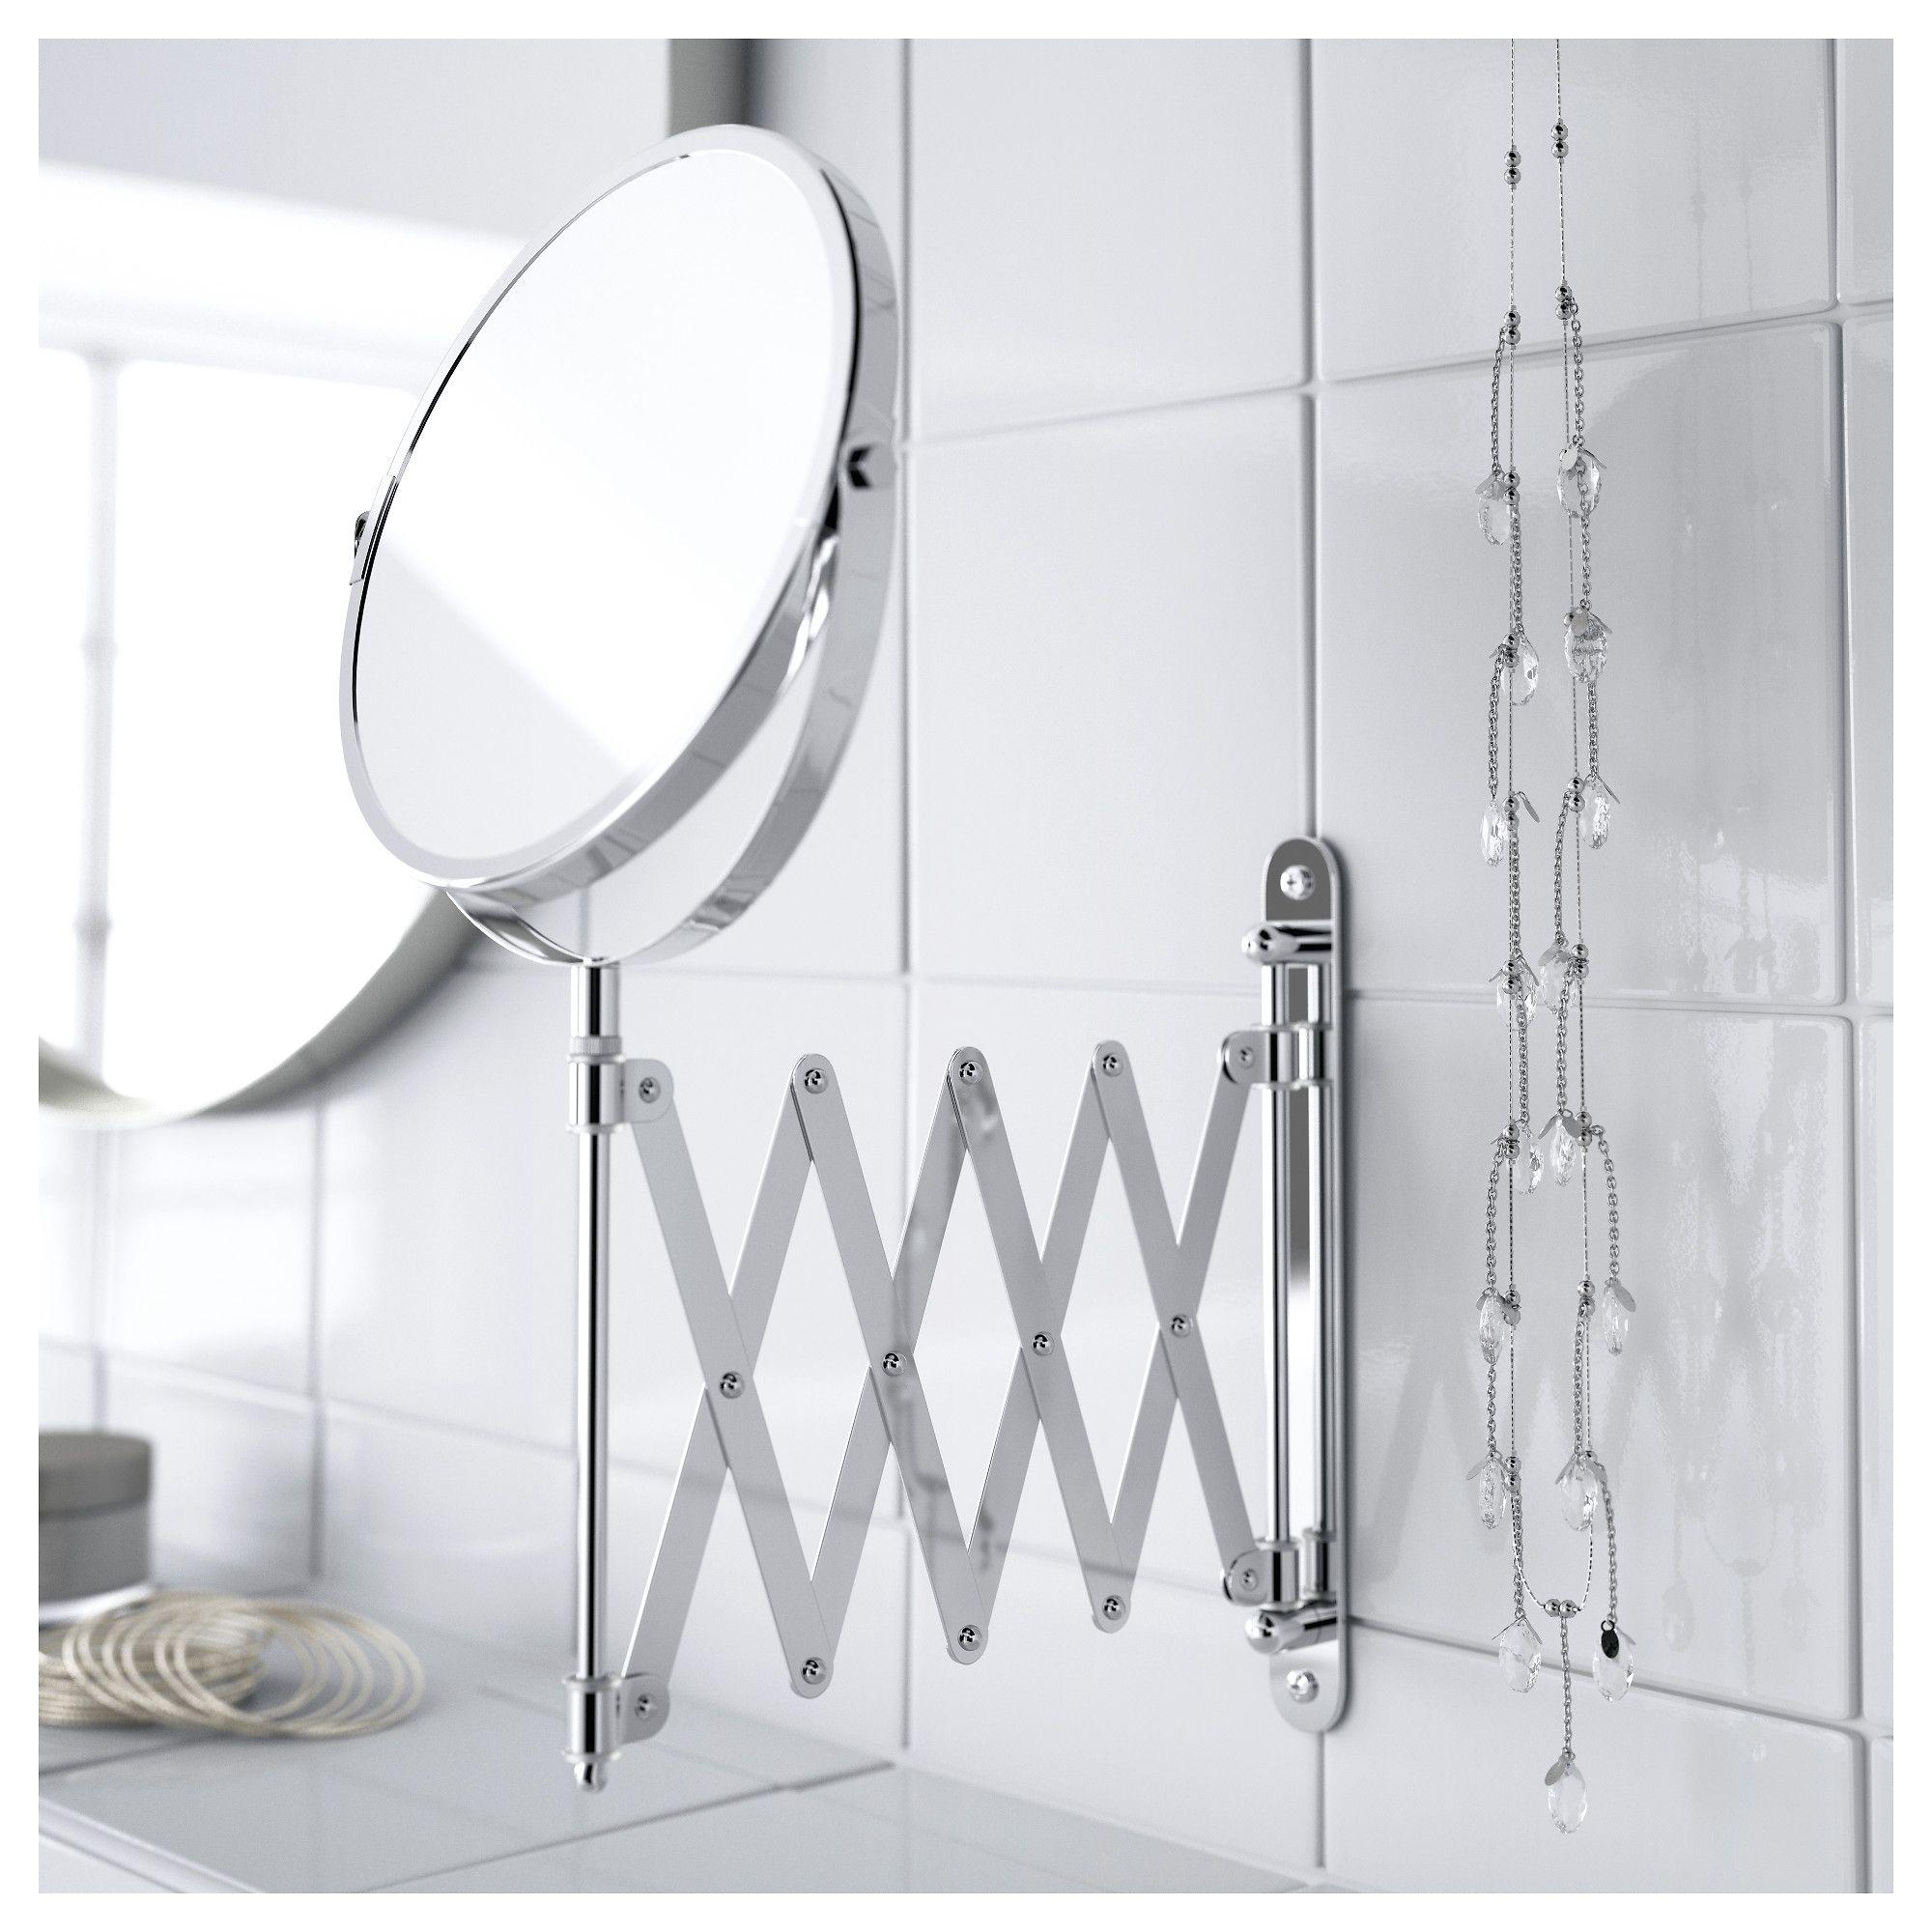 FRÄCK Mirror stainless steel Magnifying mirror, Ikea